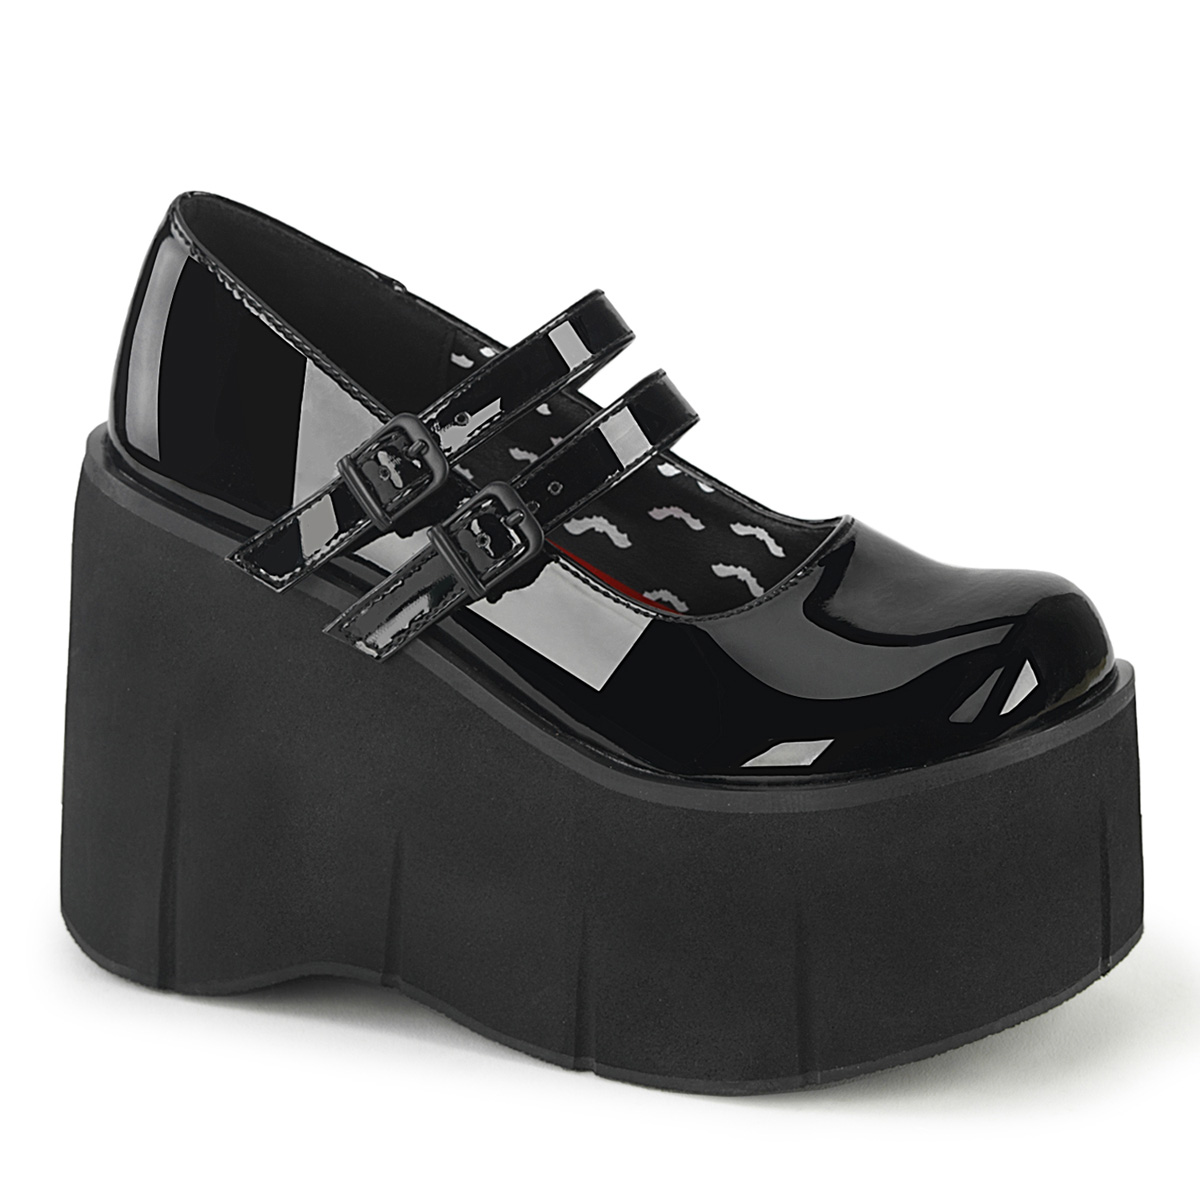 Sapato Kera 08 Cano Curto - Demonia (encomenda)